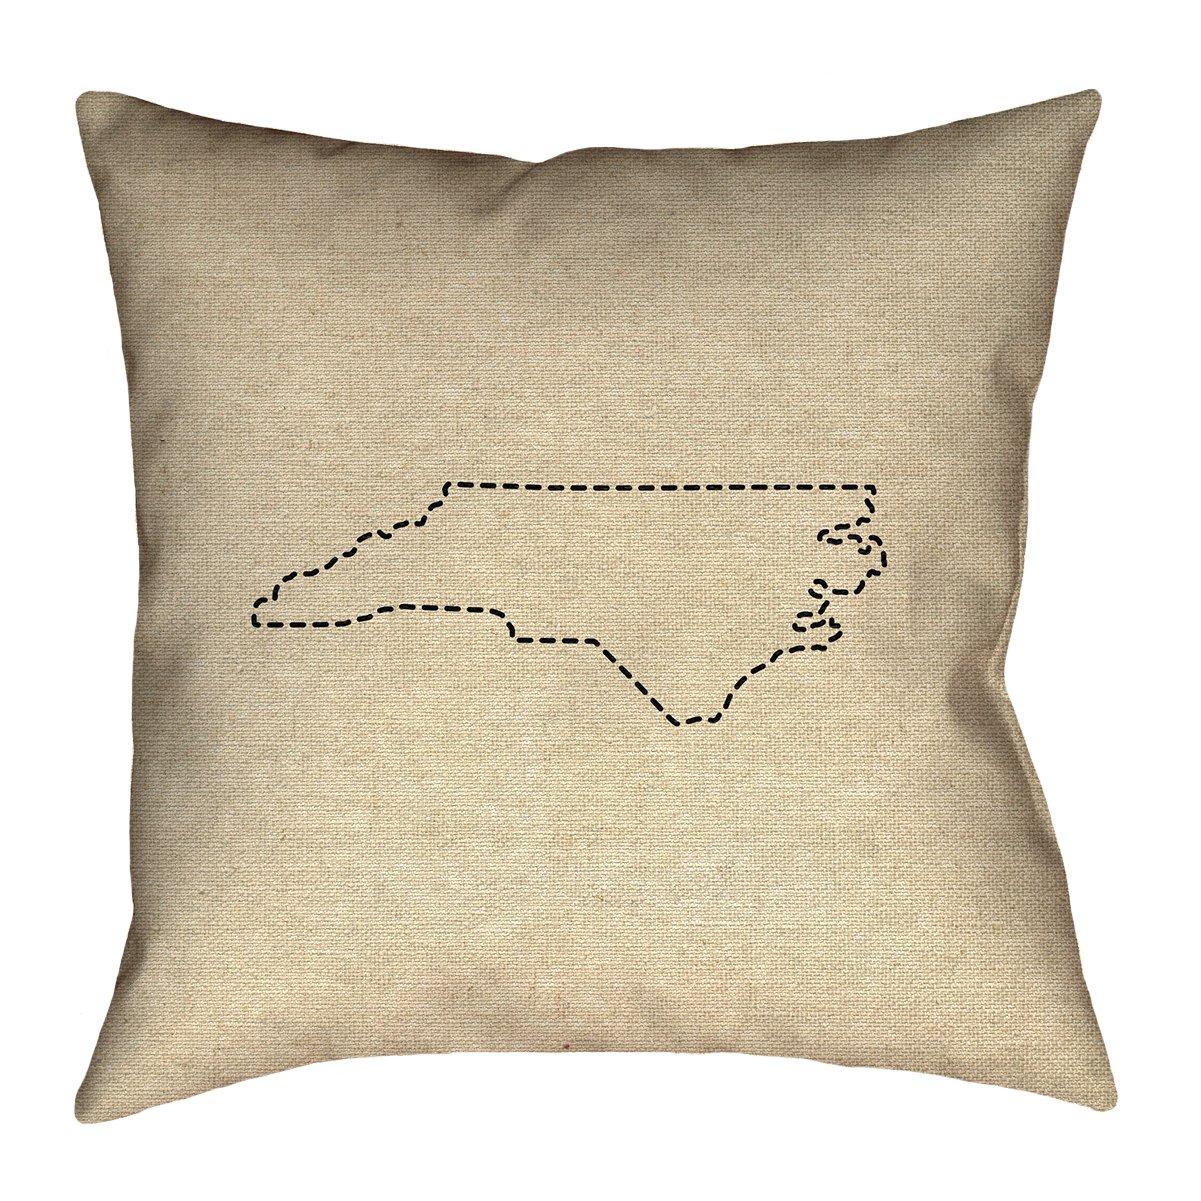 ArtVerse Katelyn Smith 20 x 20 Indoor//Outdoor UV Properties-Waterproof and Mildew Proof North Carolina Outline Pillow